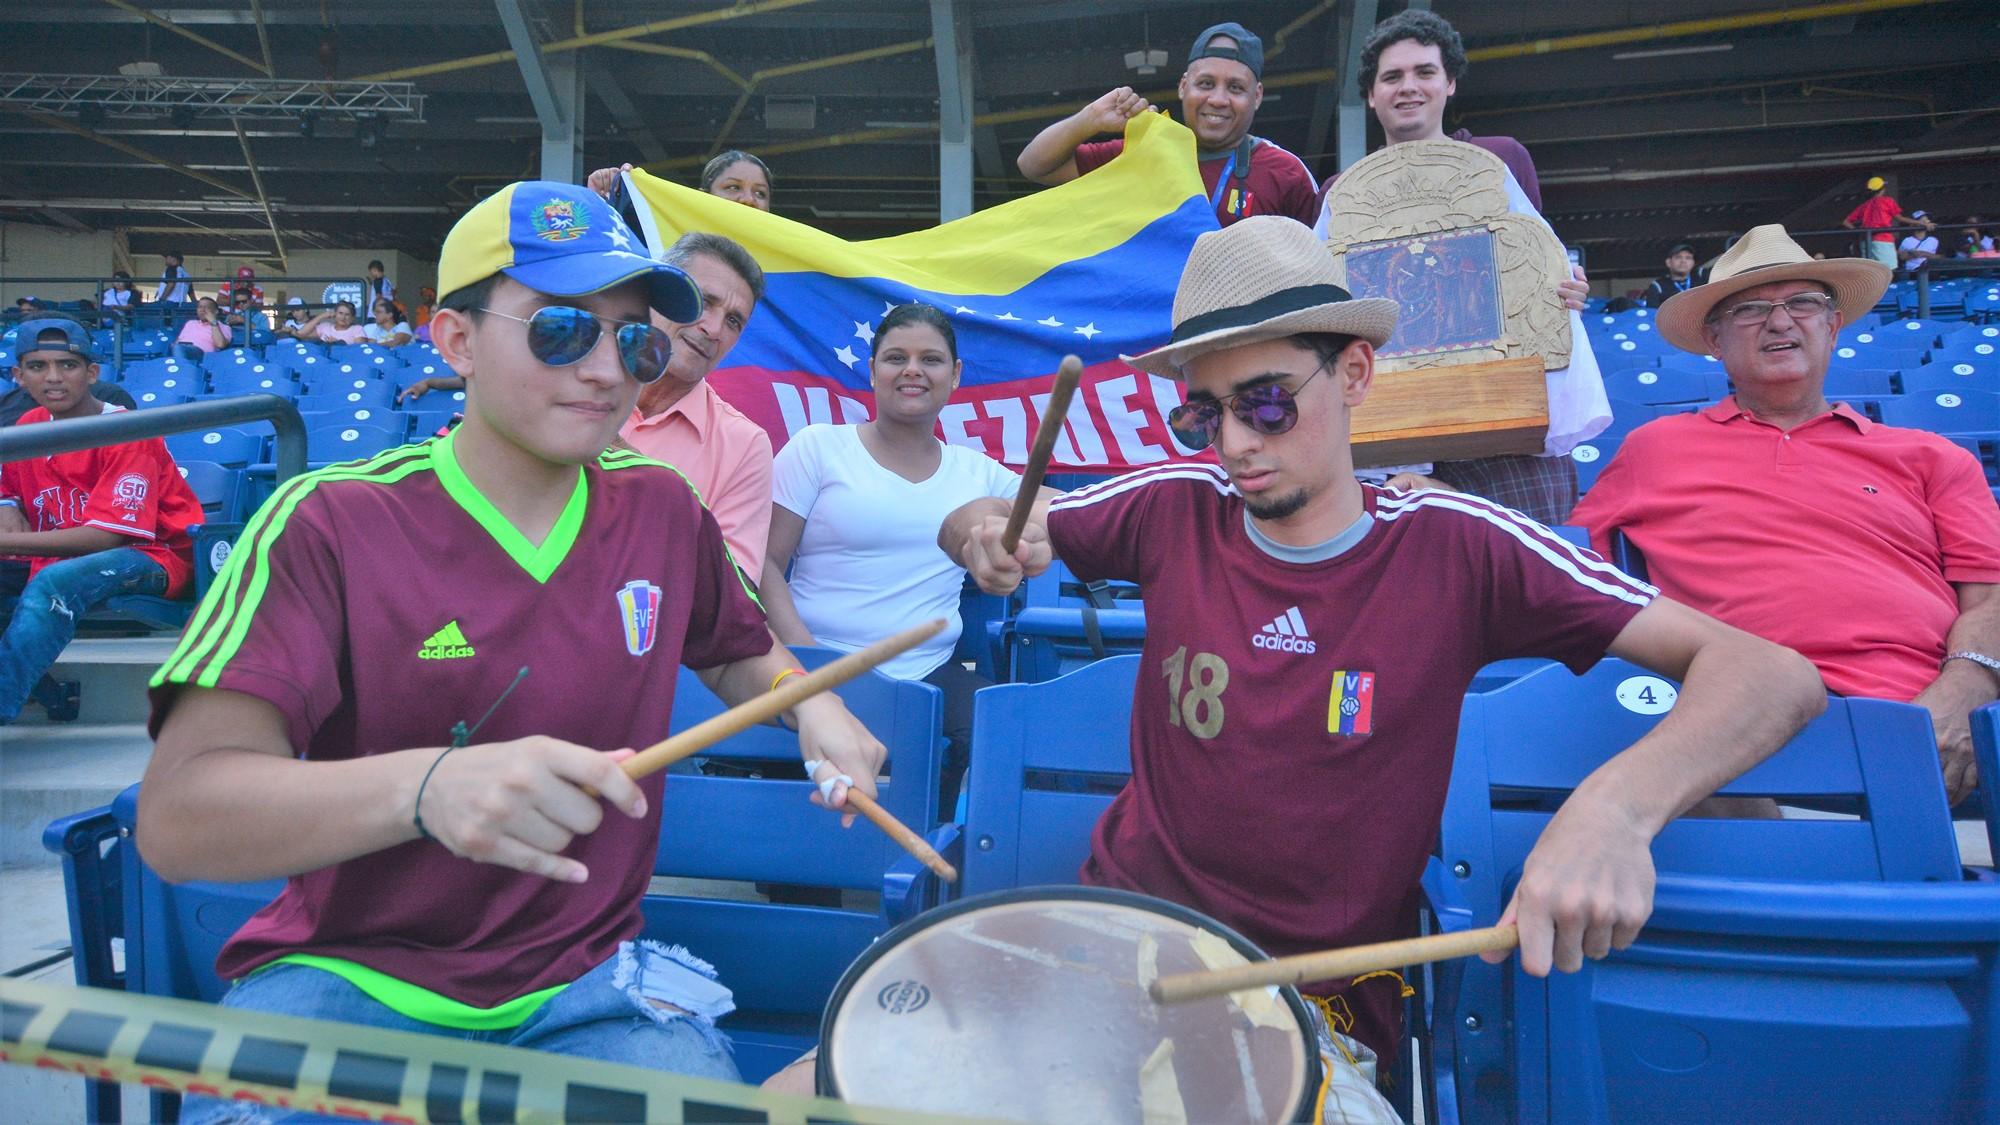 Venezuela fans at the Edgar Renteria stadium in Barranquilla